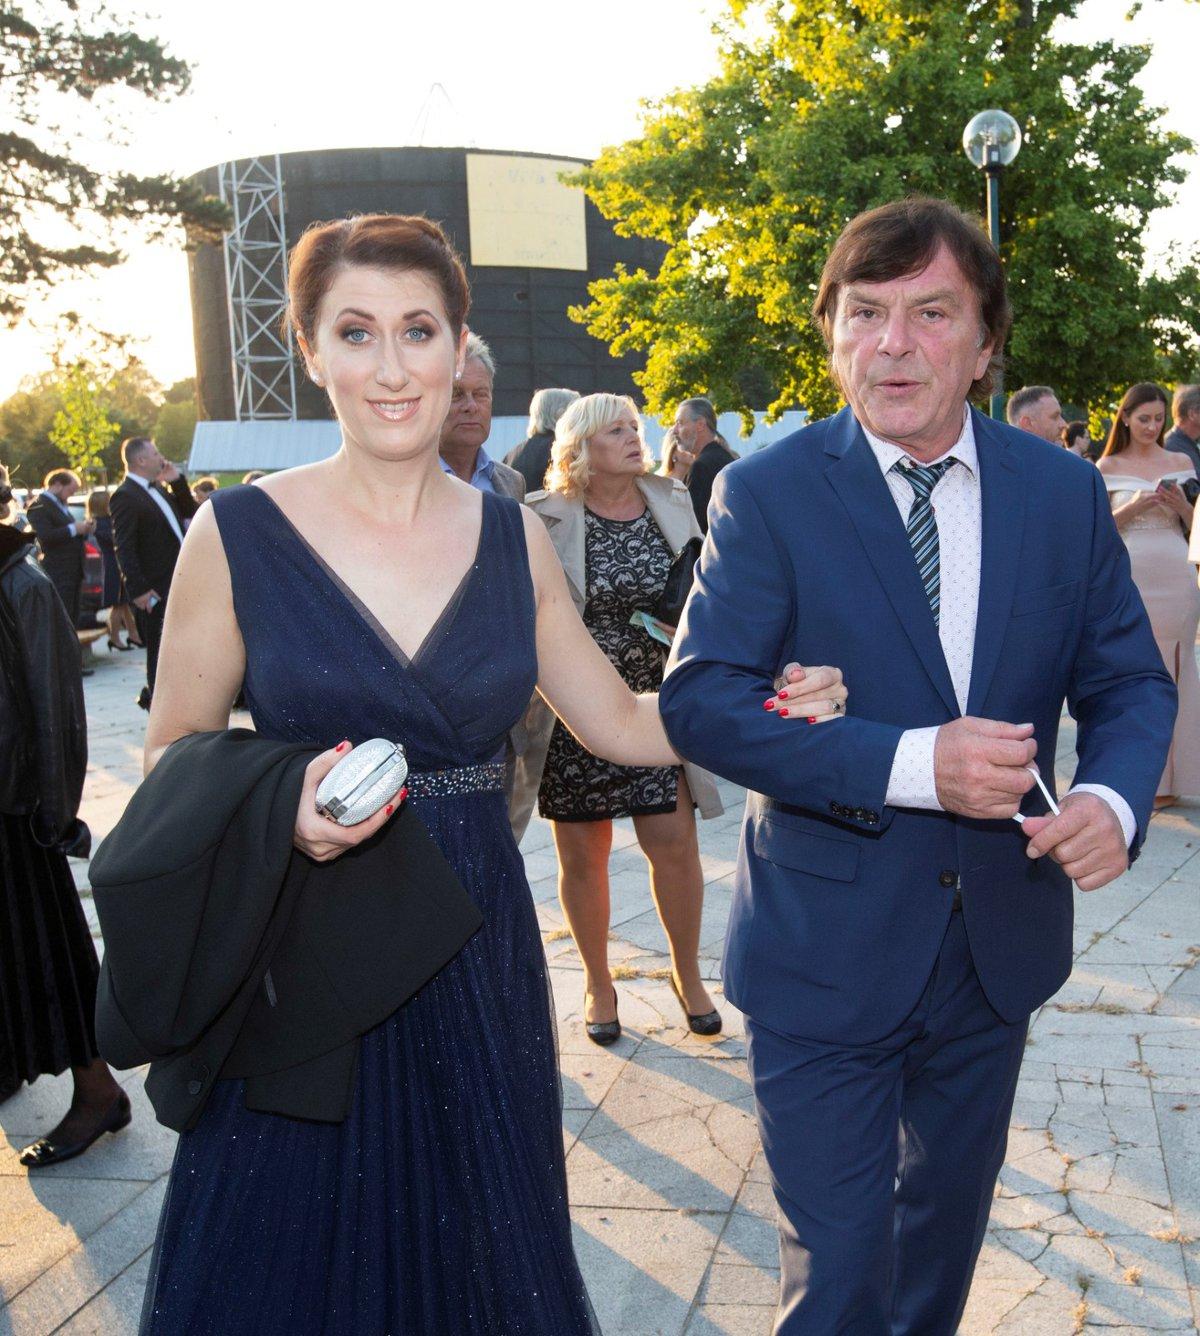 Premiéra muzikálu Čarodějka: Pavel Trávníček s manželkou Monikou